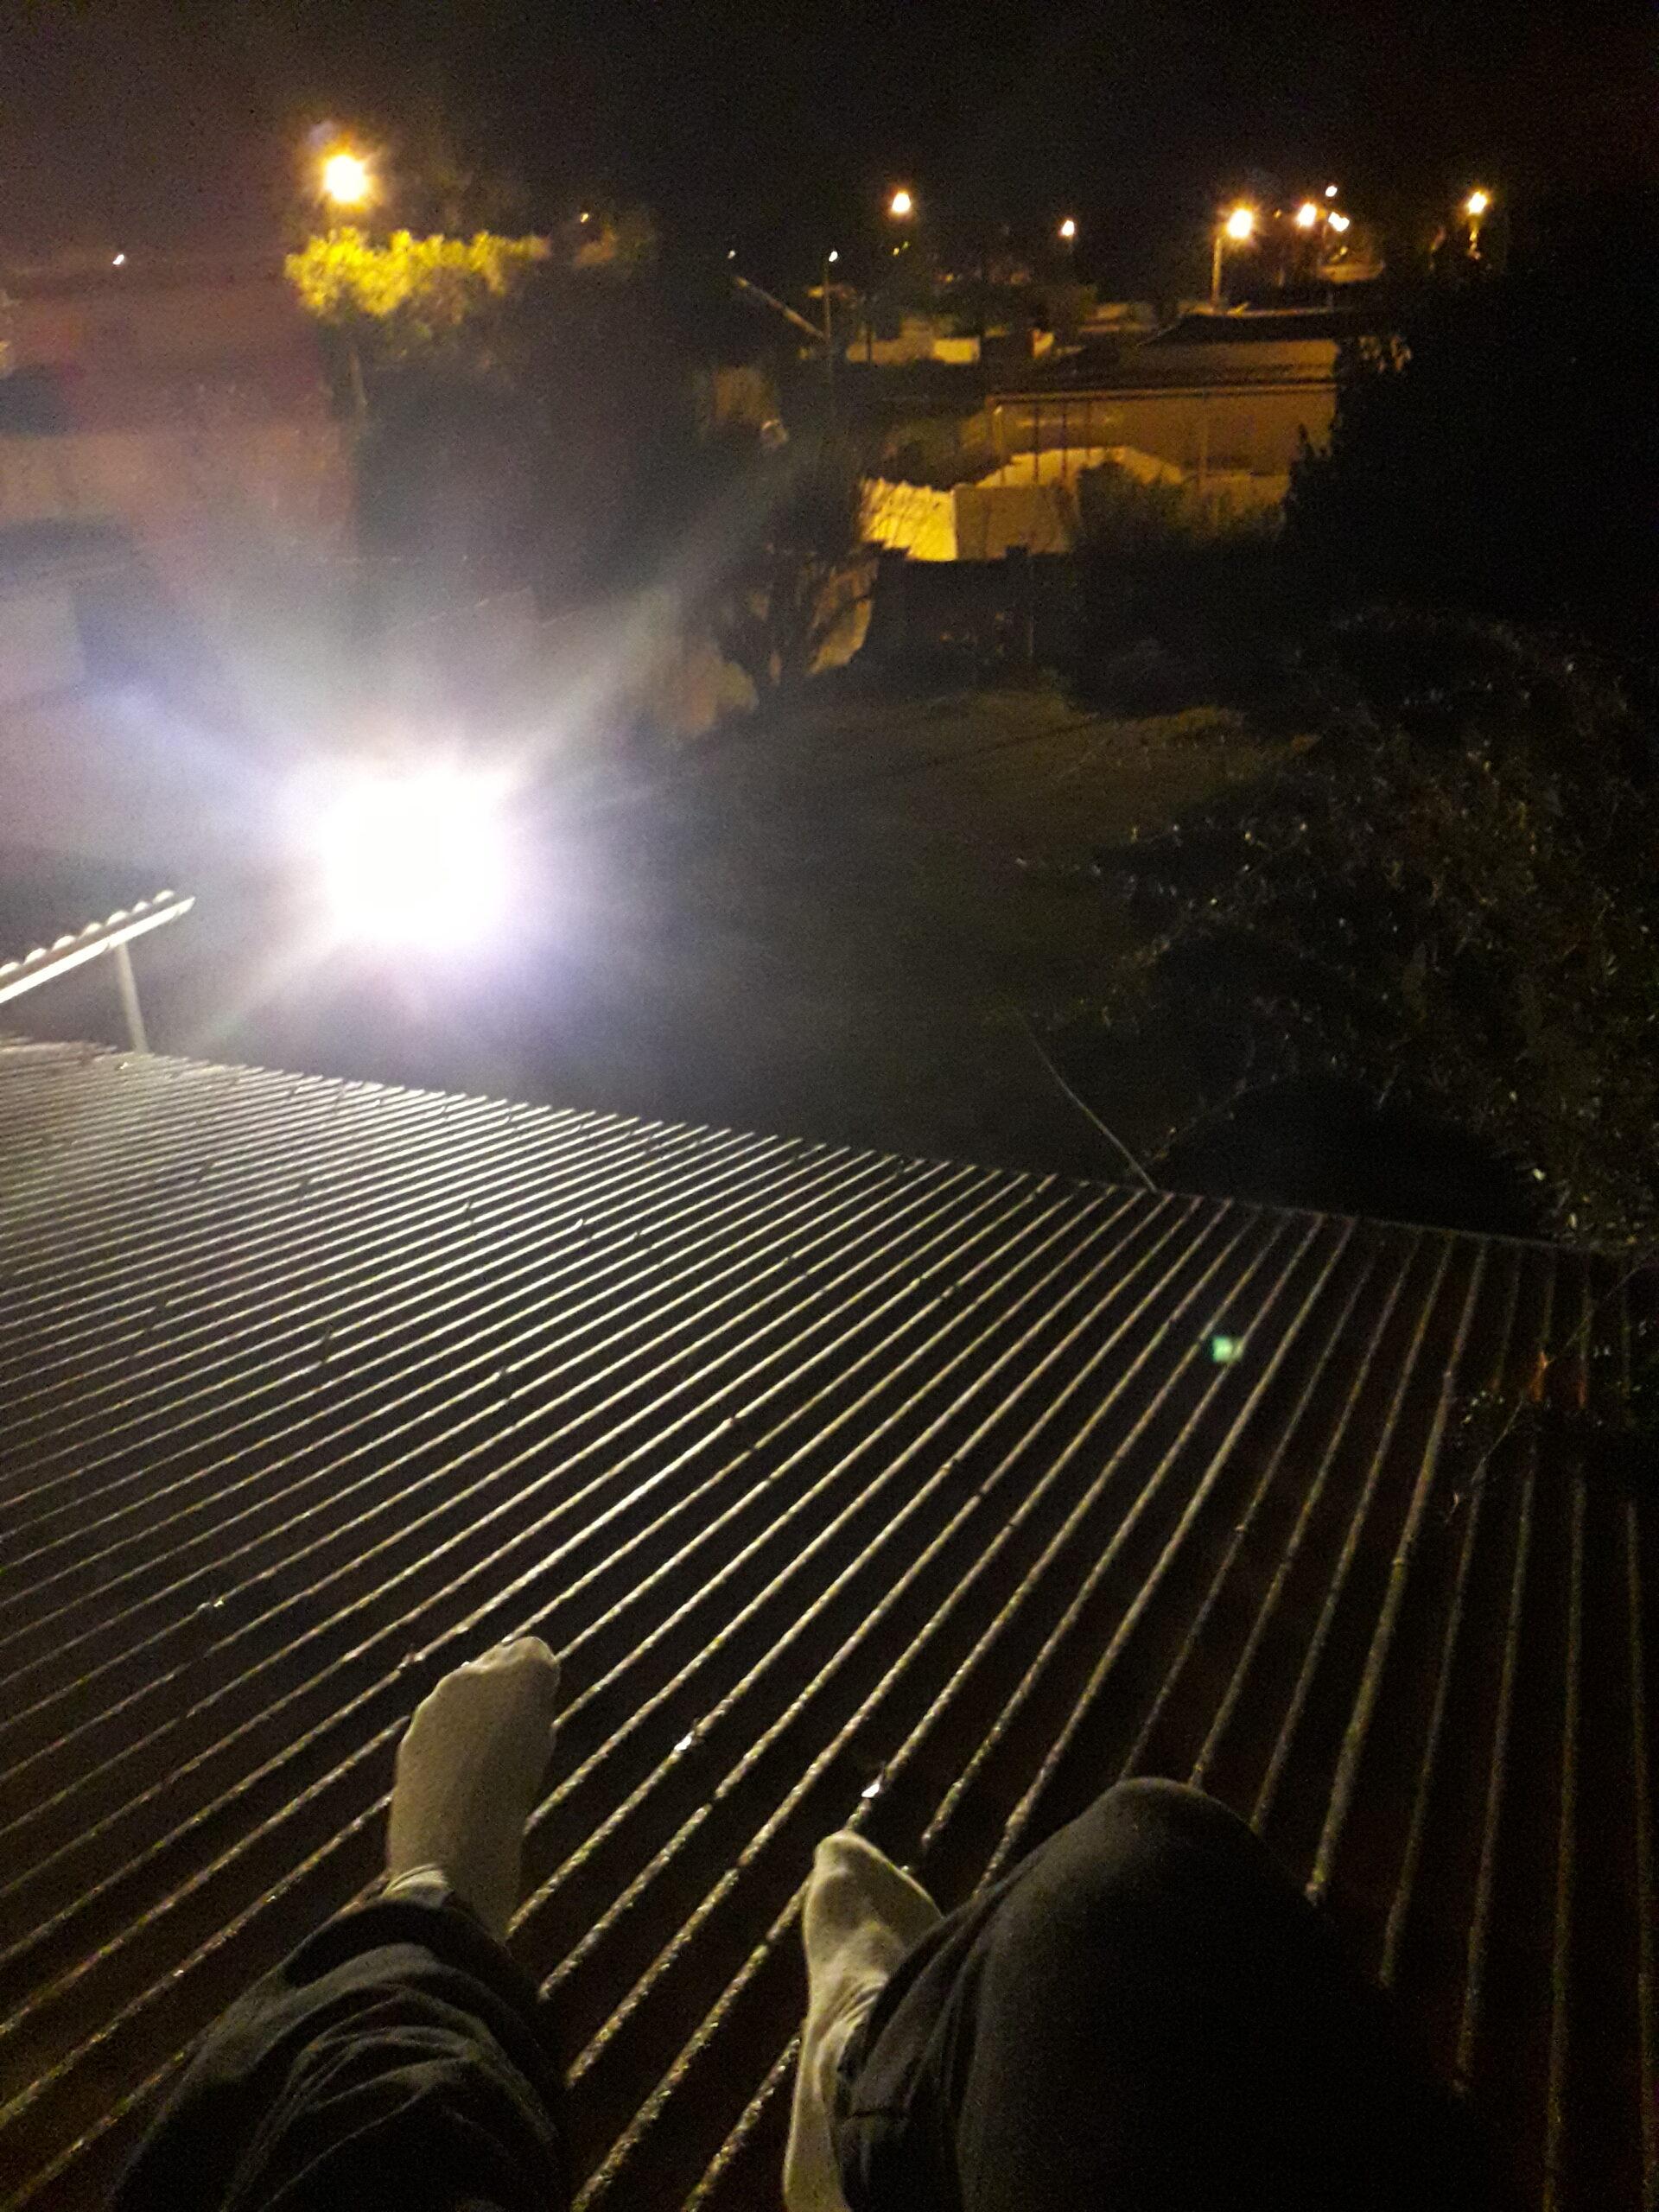 Photographie du jardin de Nathan Florent depuis le rebord de sa fenêtre de nuit, les jambes dans le vide.